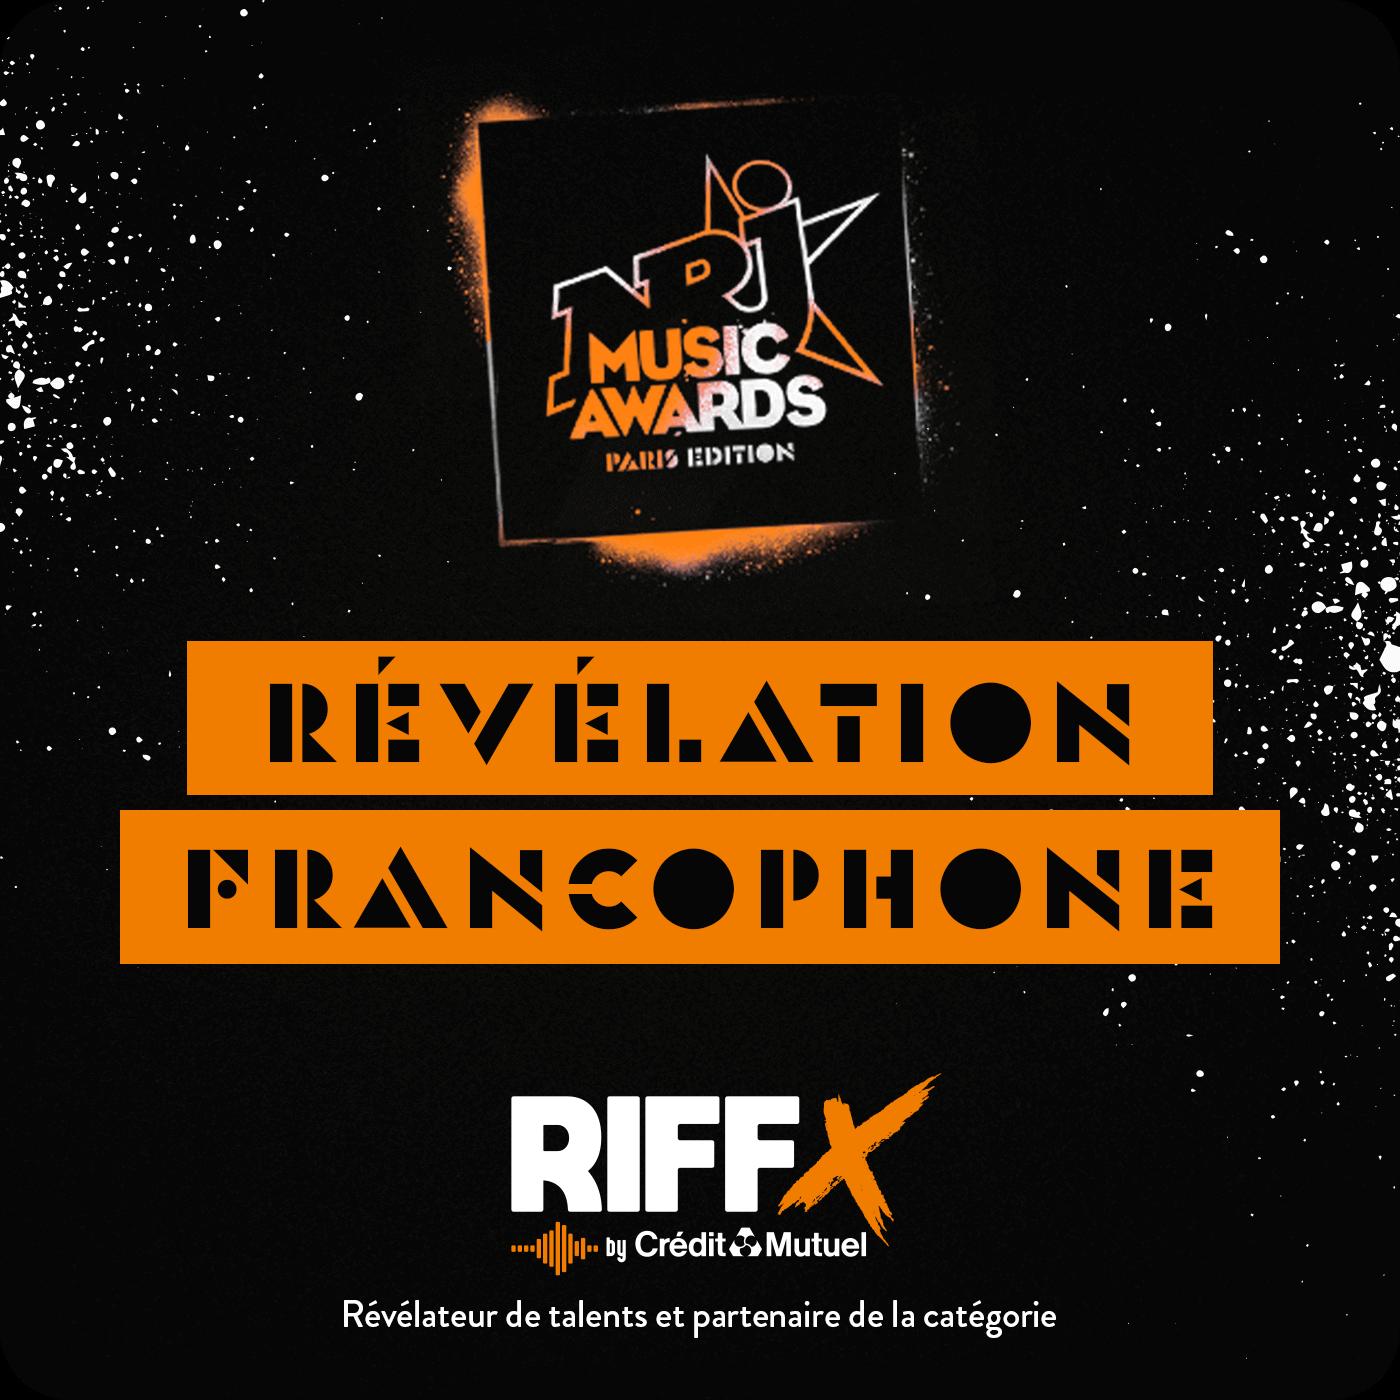 Révélation Francophone de l'Année avec RIFFX